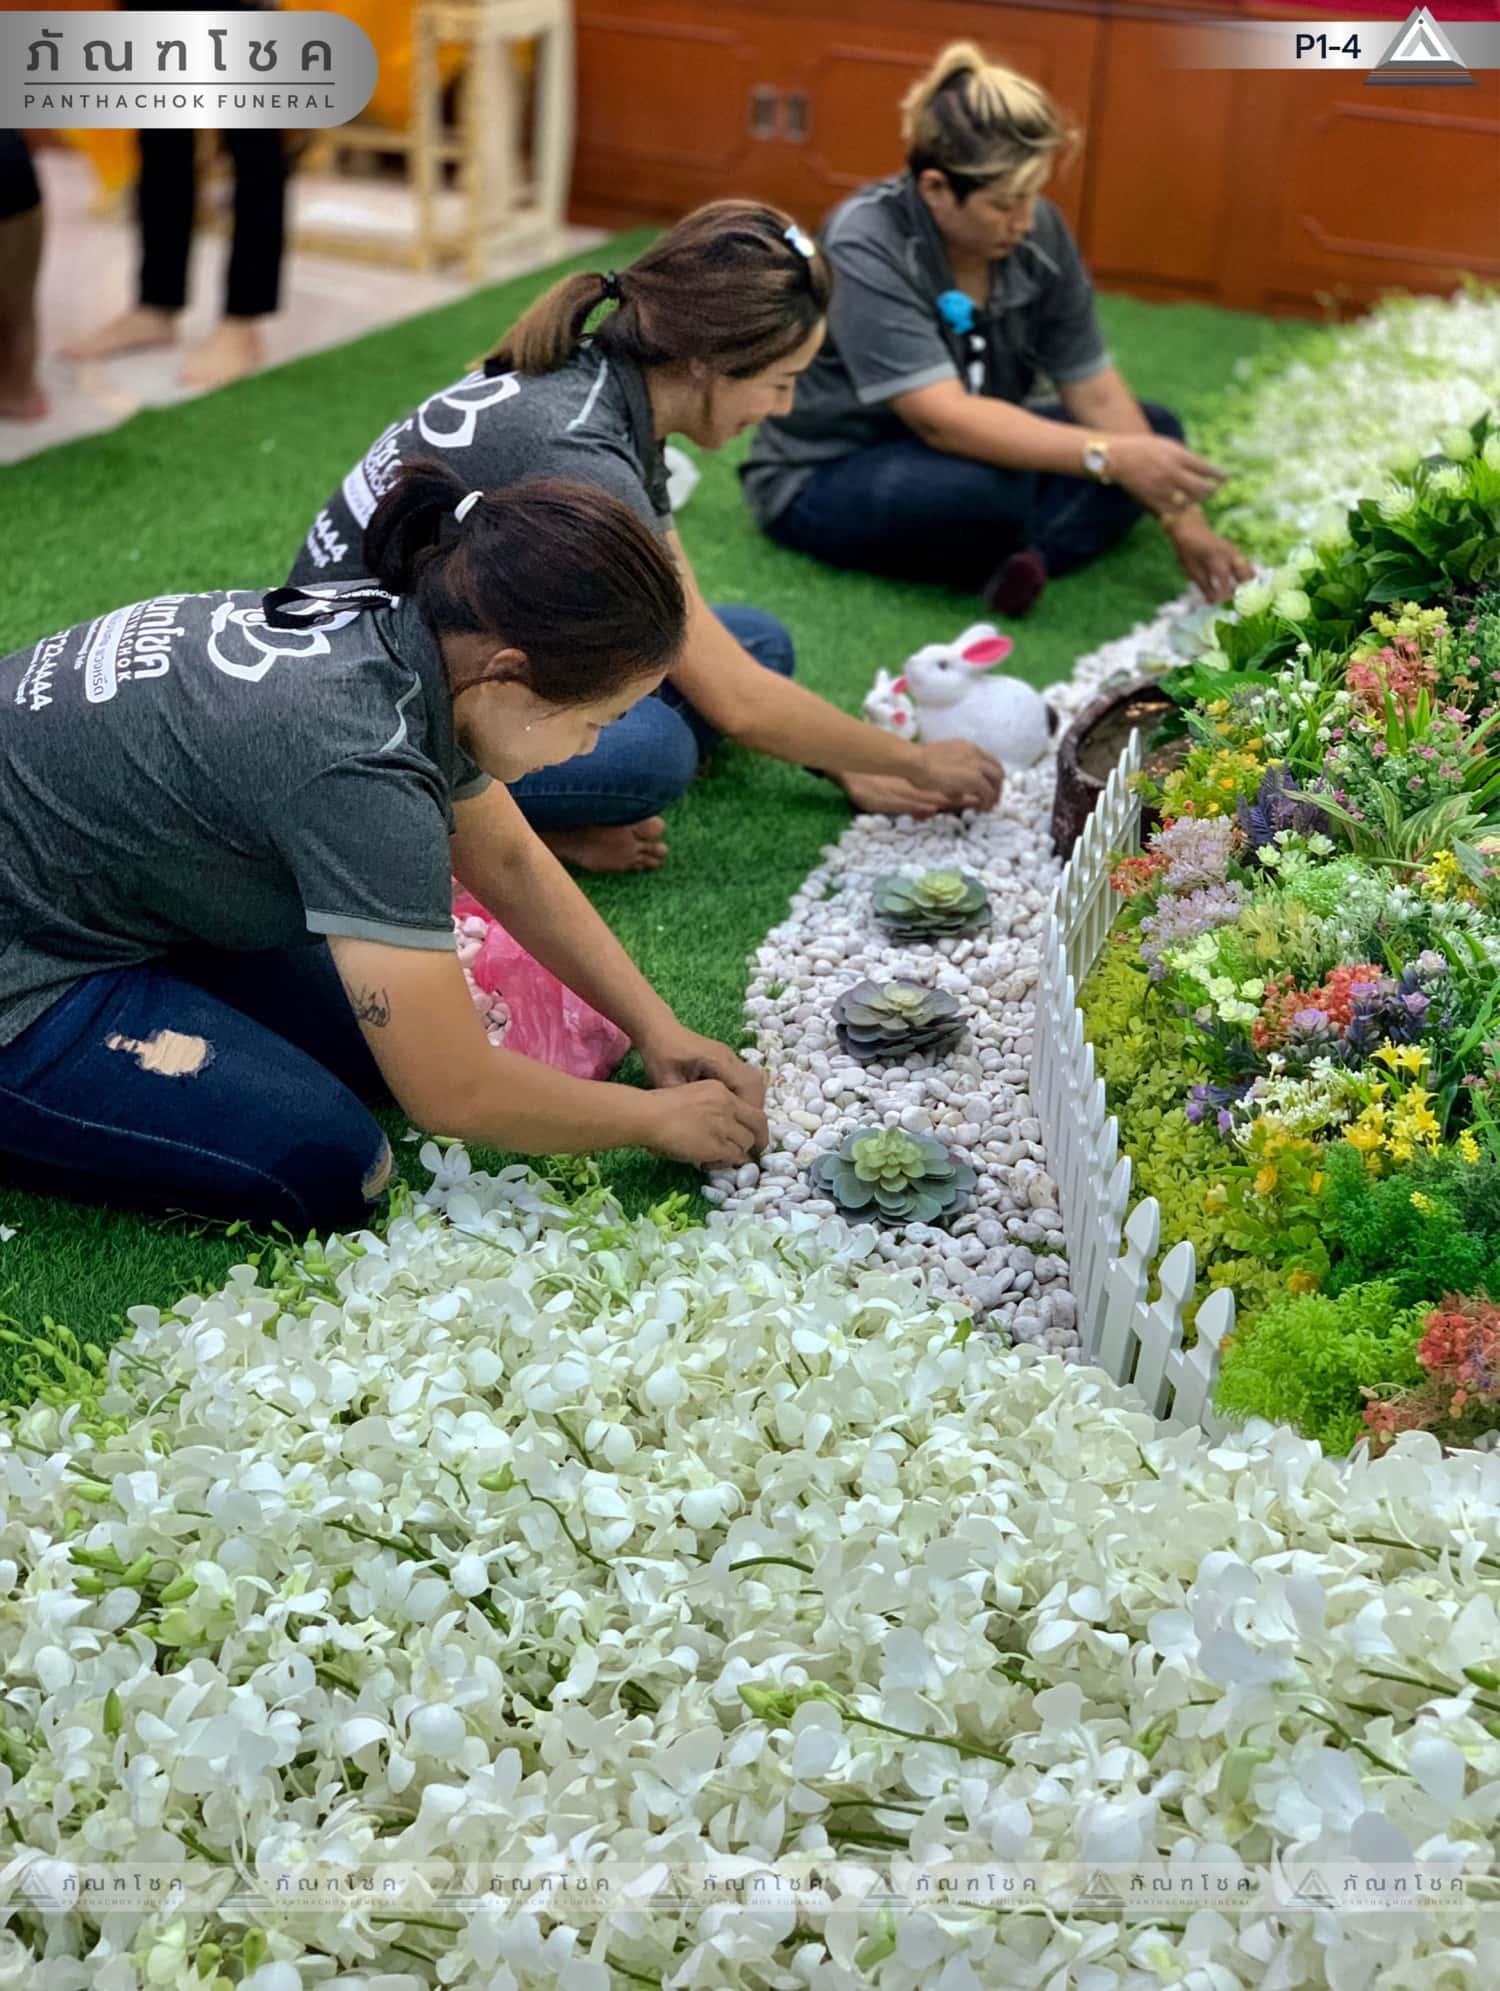 ดอกไม้หน้าศพ ชุด P1-4 75